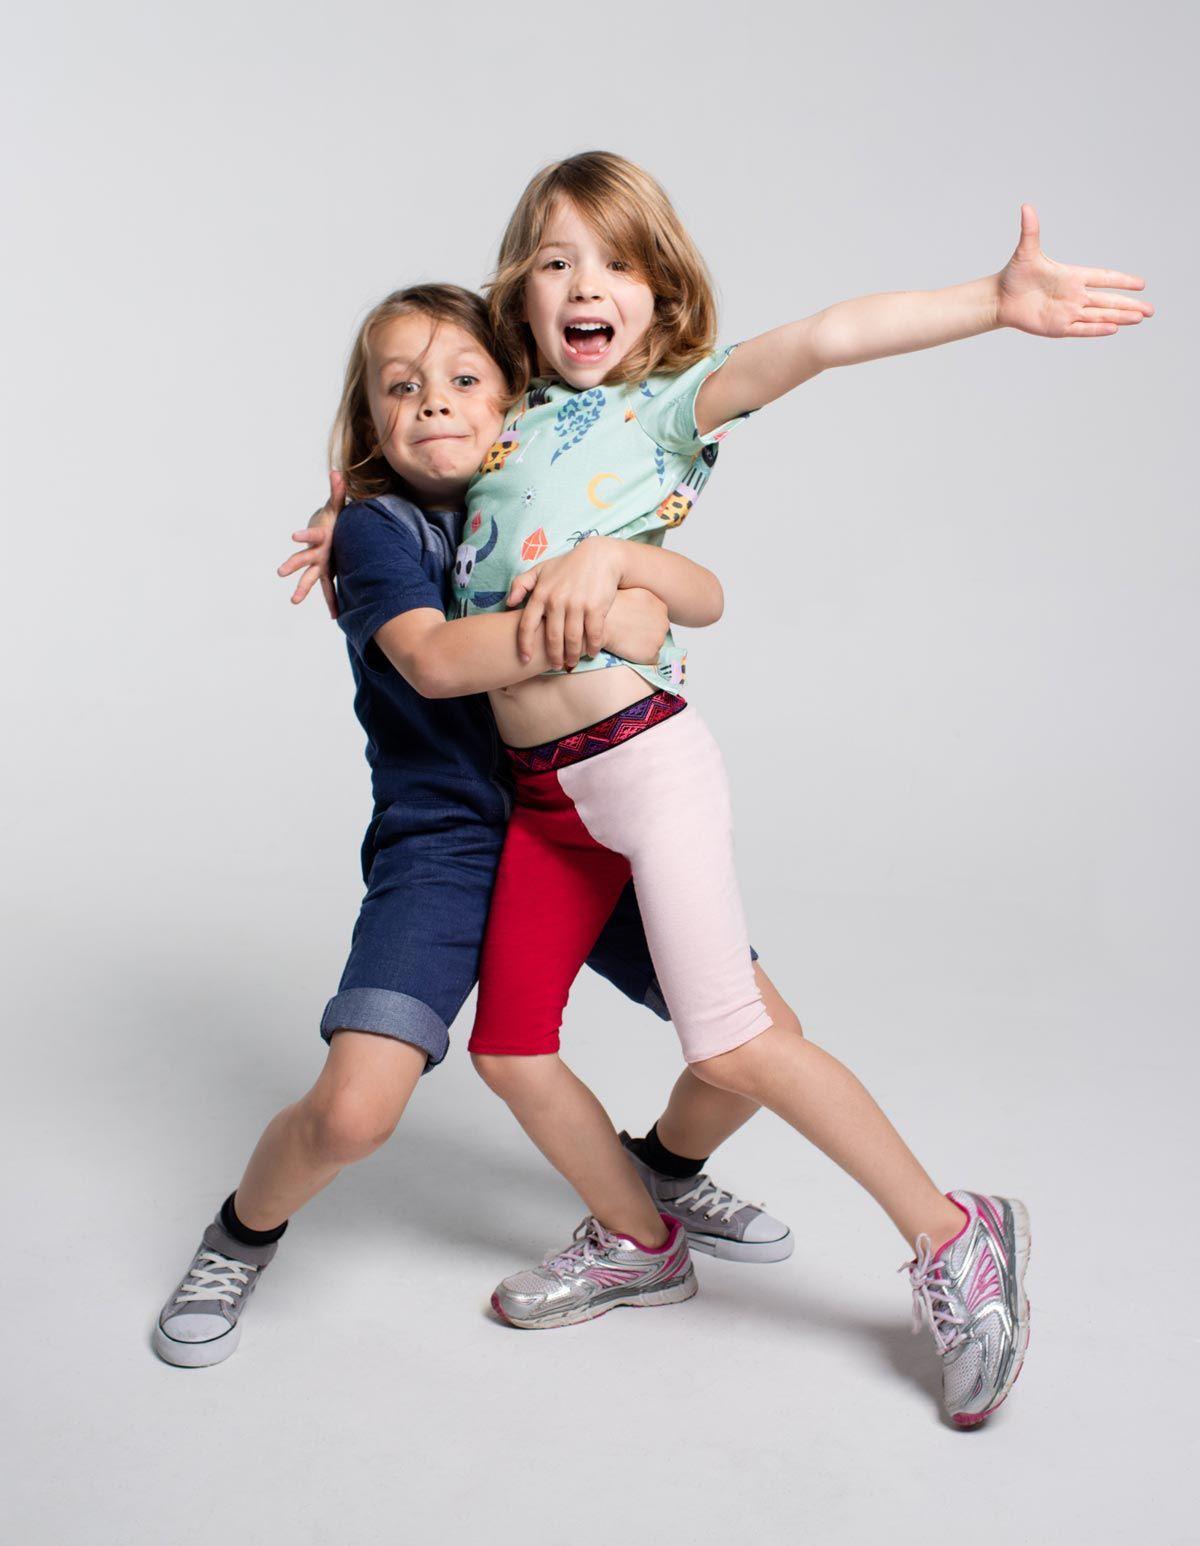 6d70103a73 Let s talk about gender neutral clothes for kids - Lunamag.com ...